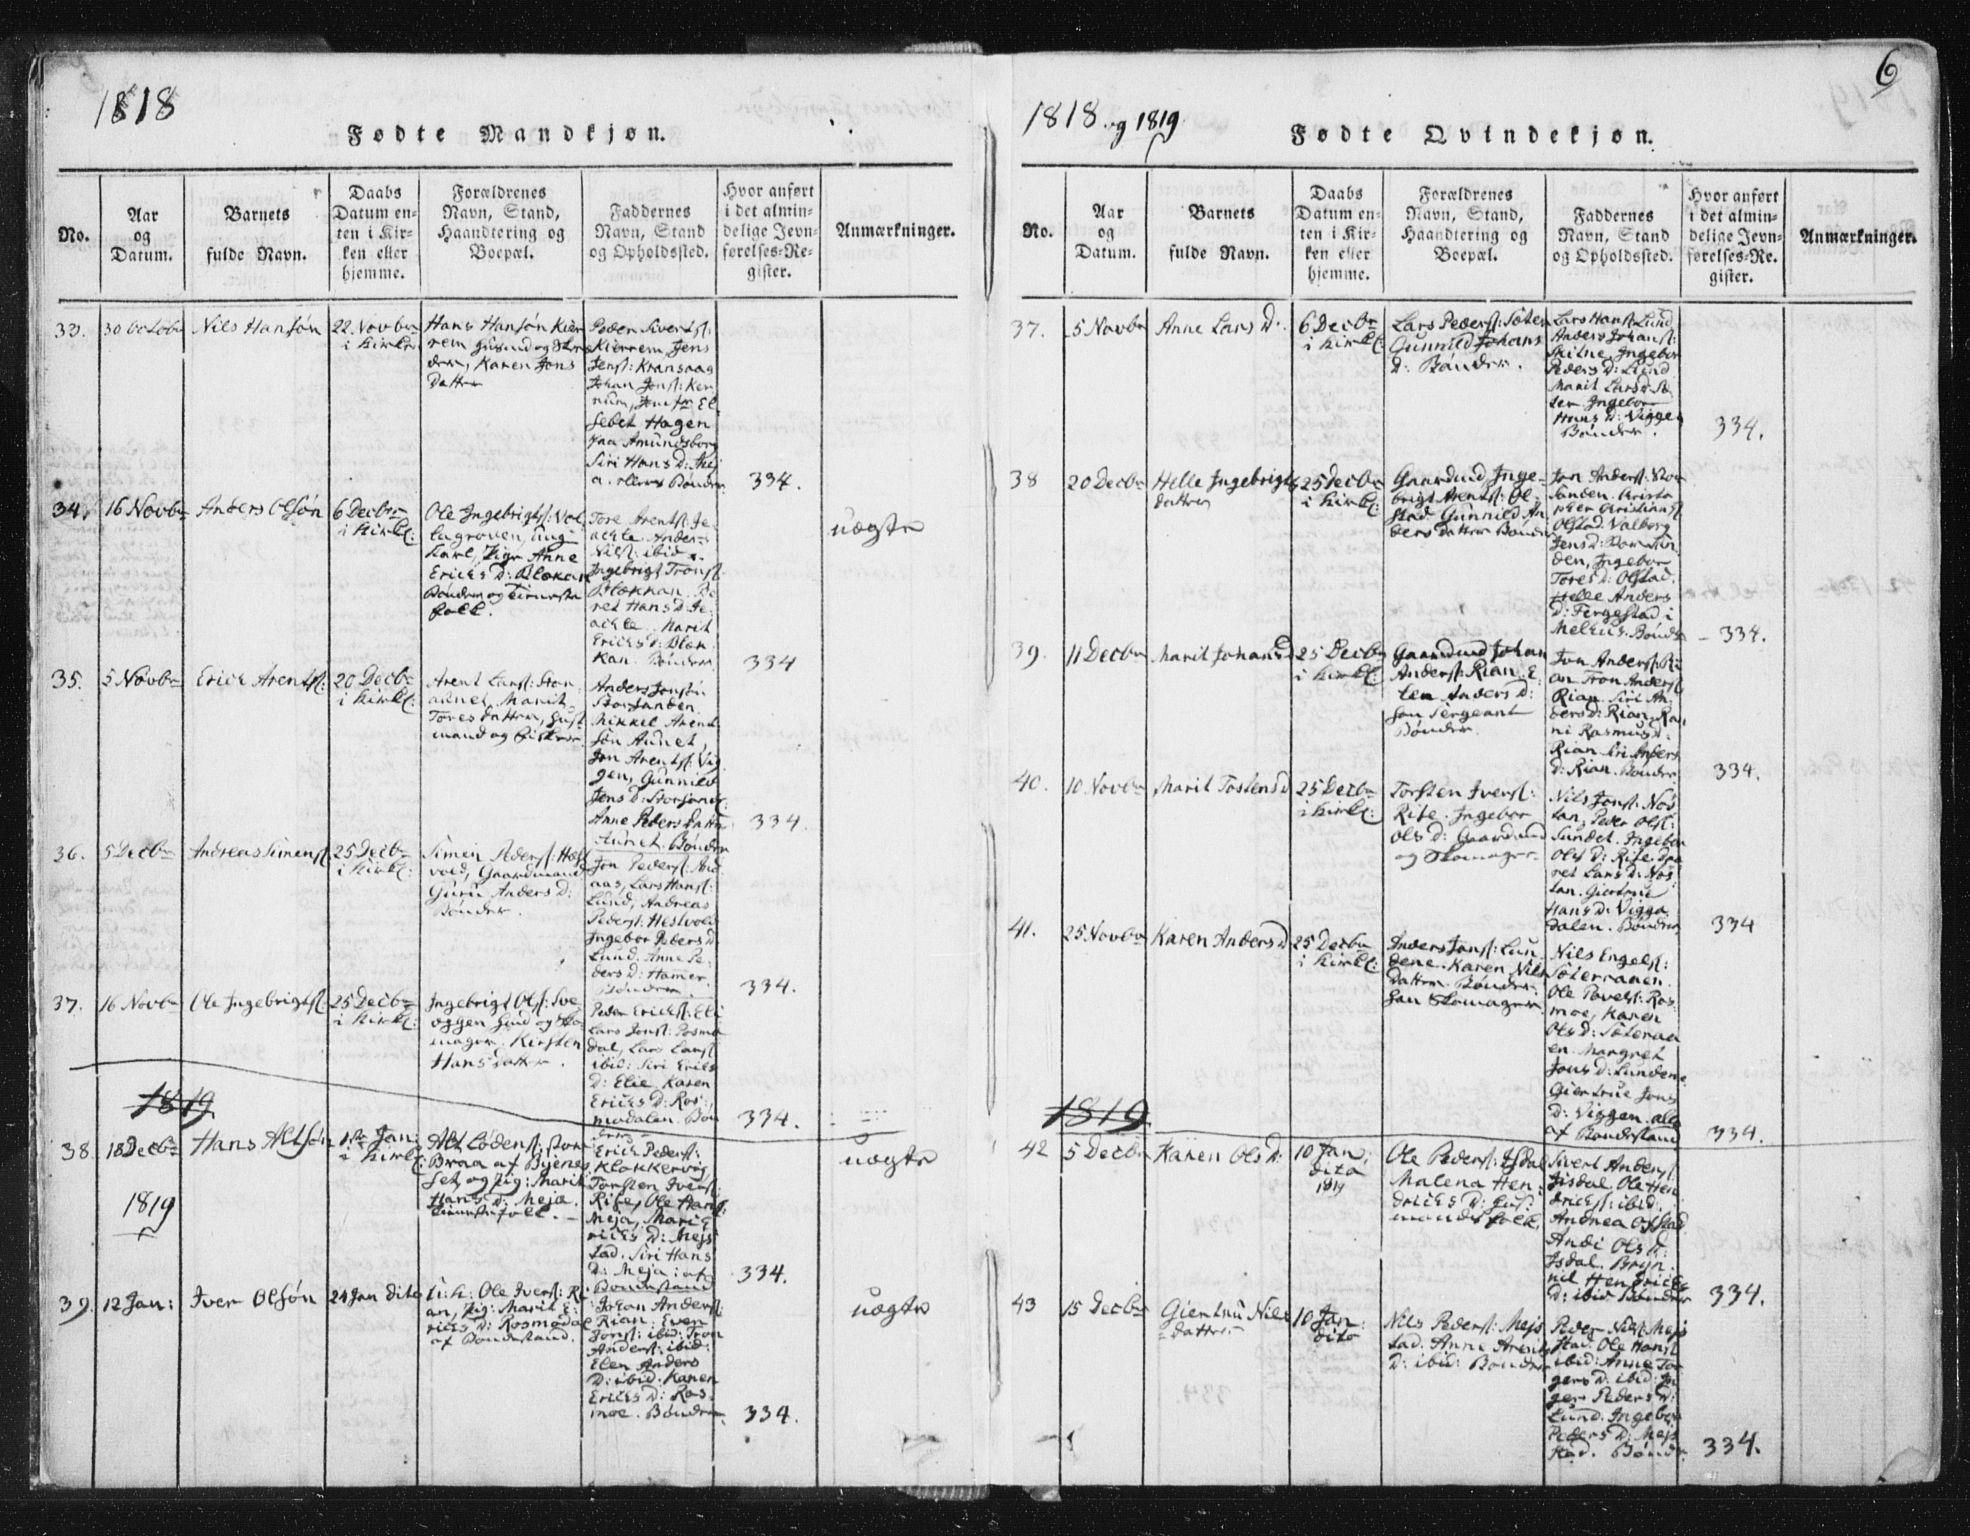 SAT, Ministerialprotokoller, klokkerbøker og fødselsregistre - Sør-Trøndelag, 665/L0770: Ministerialbok nr. 665A05, 1817-1829, s. 6